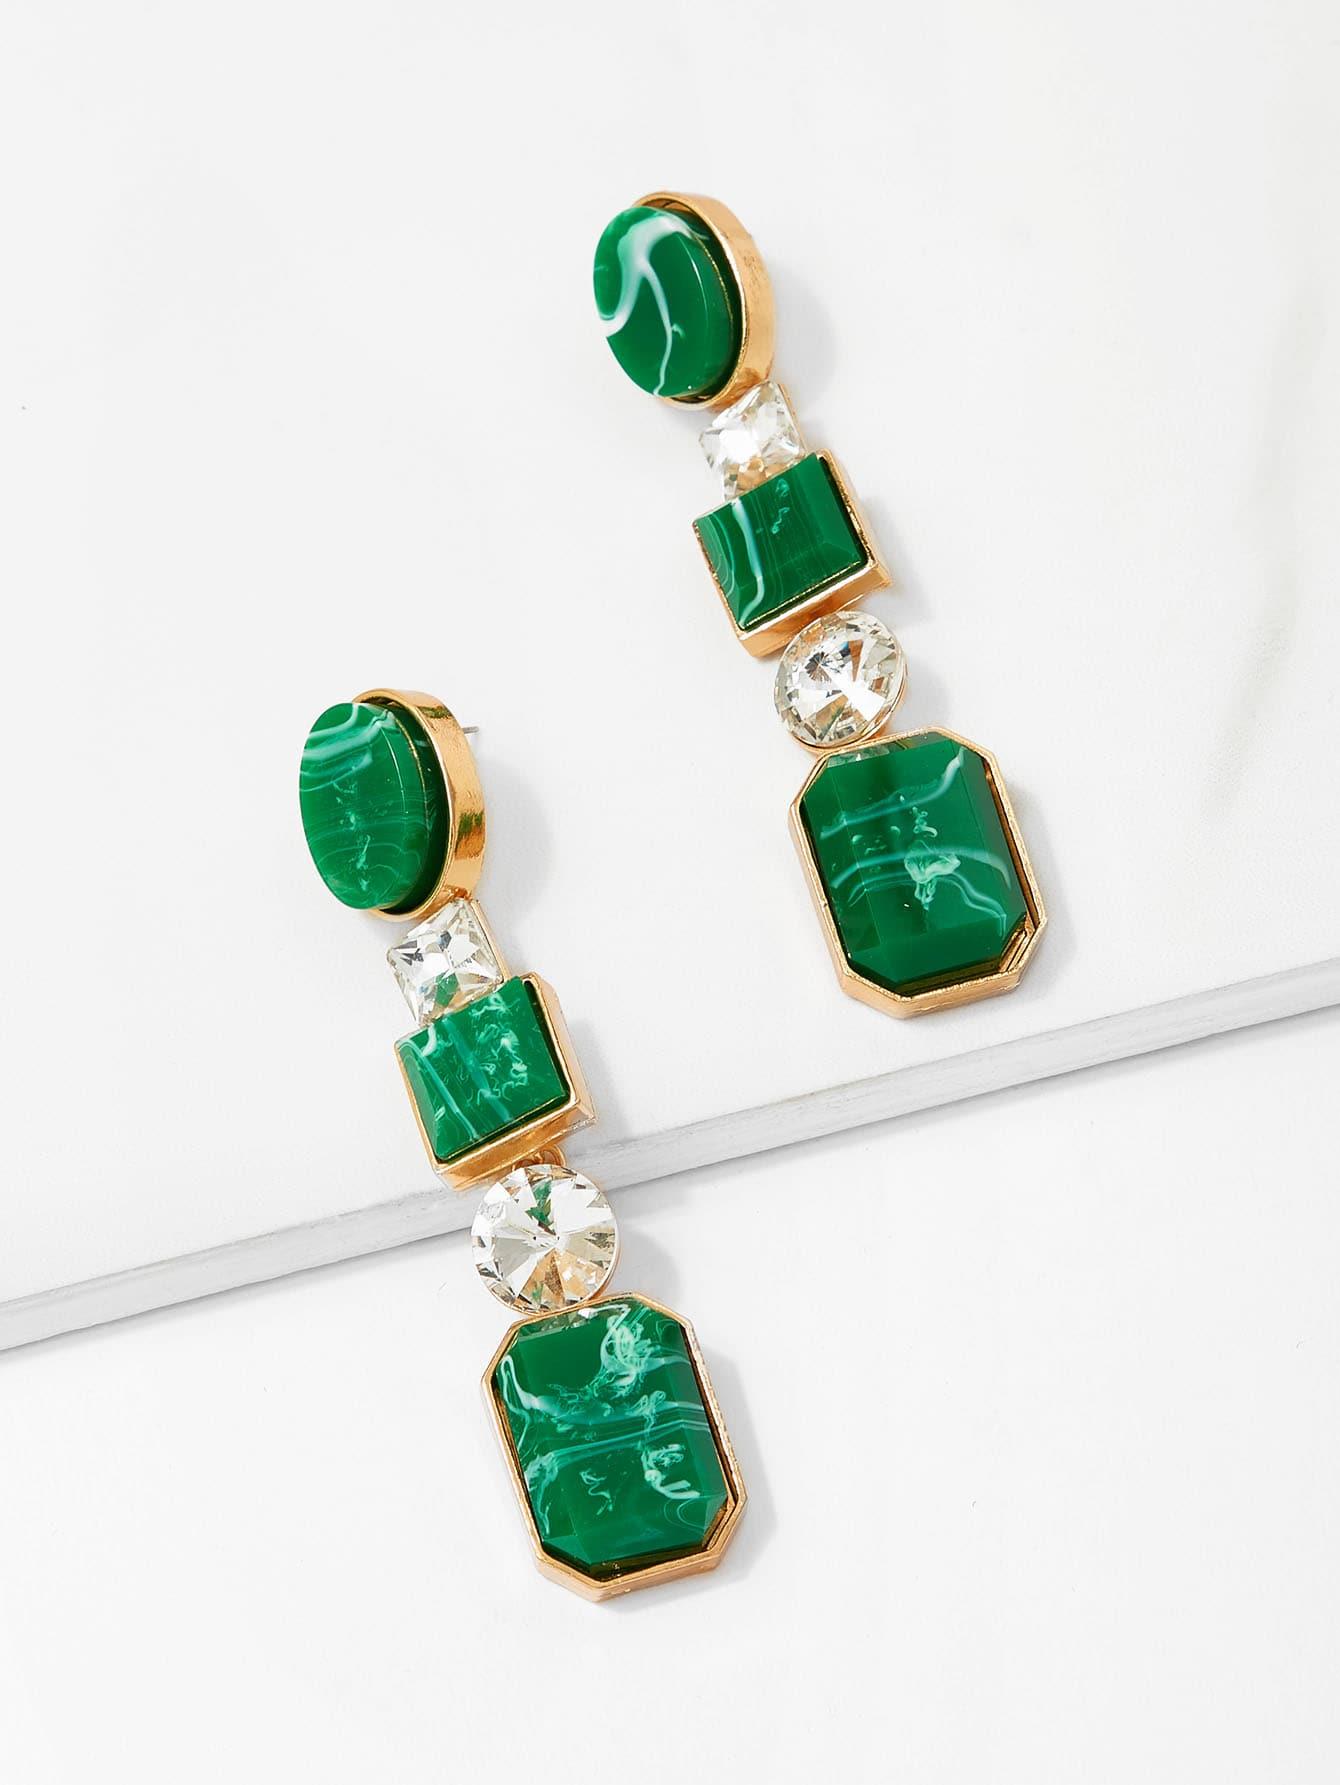 Tiered Gemstone Dangle Earrings pair of elegant spiral tiered rhinestone dangle earrings